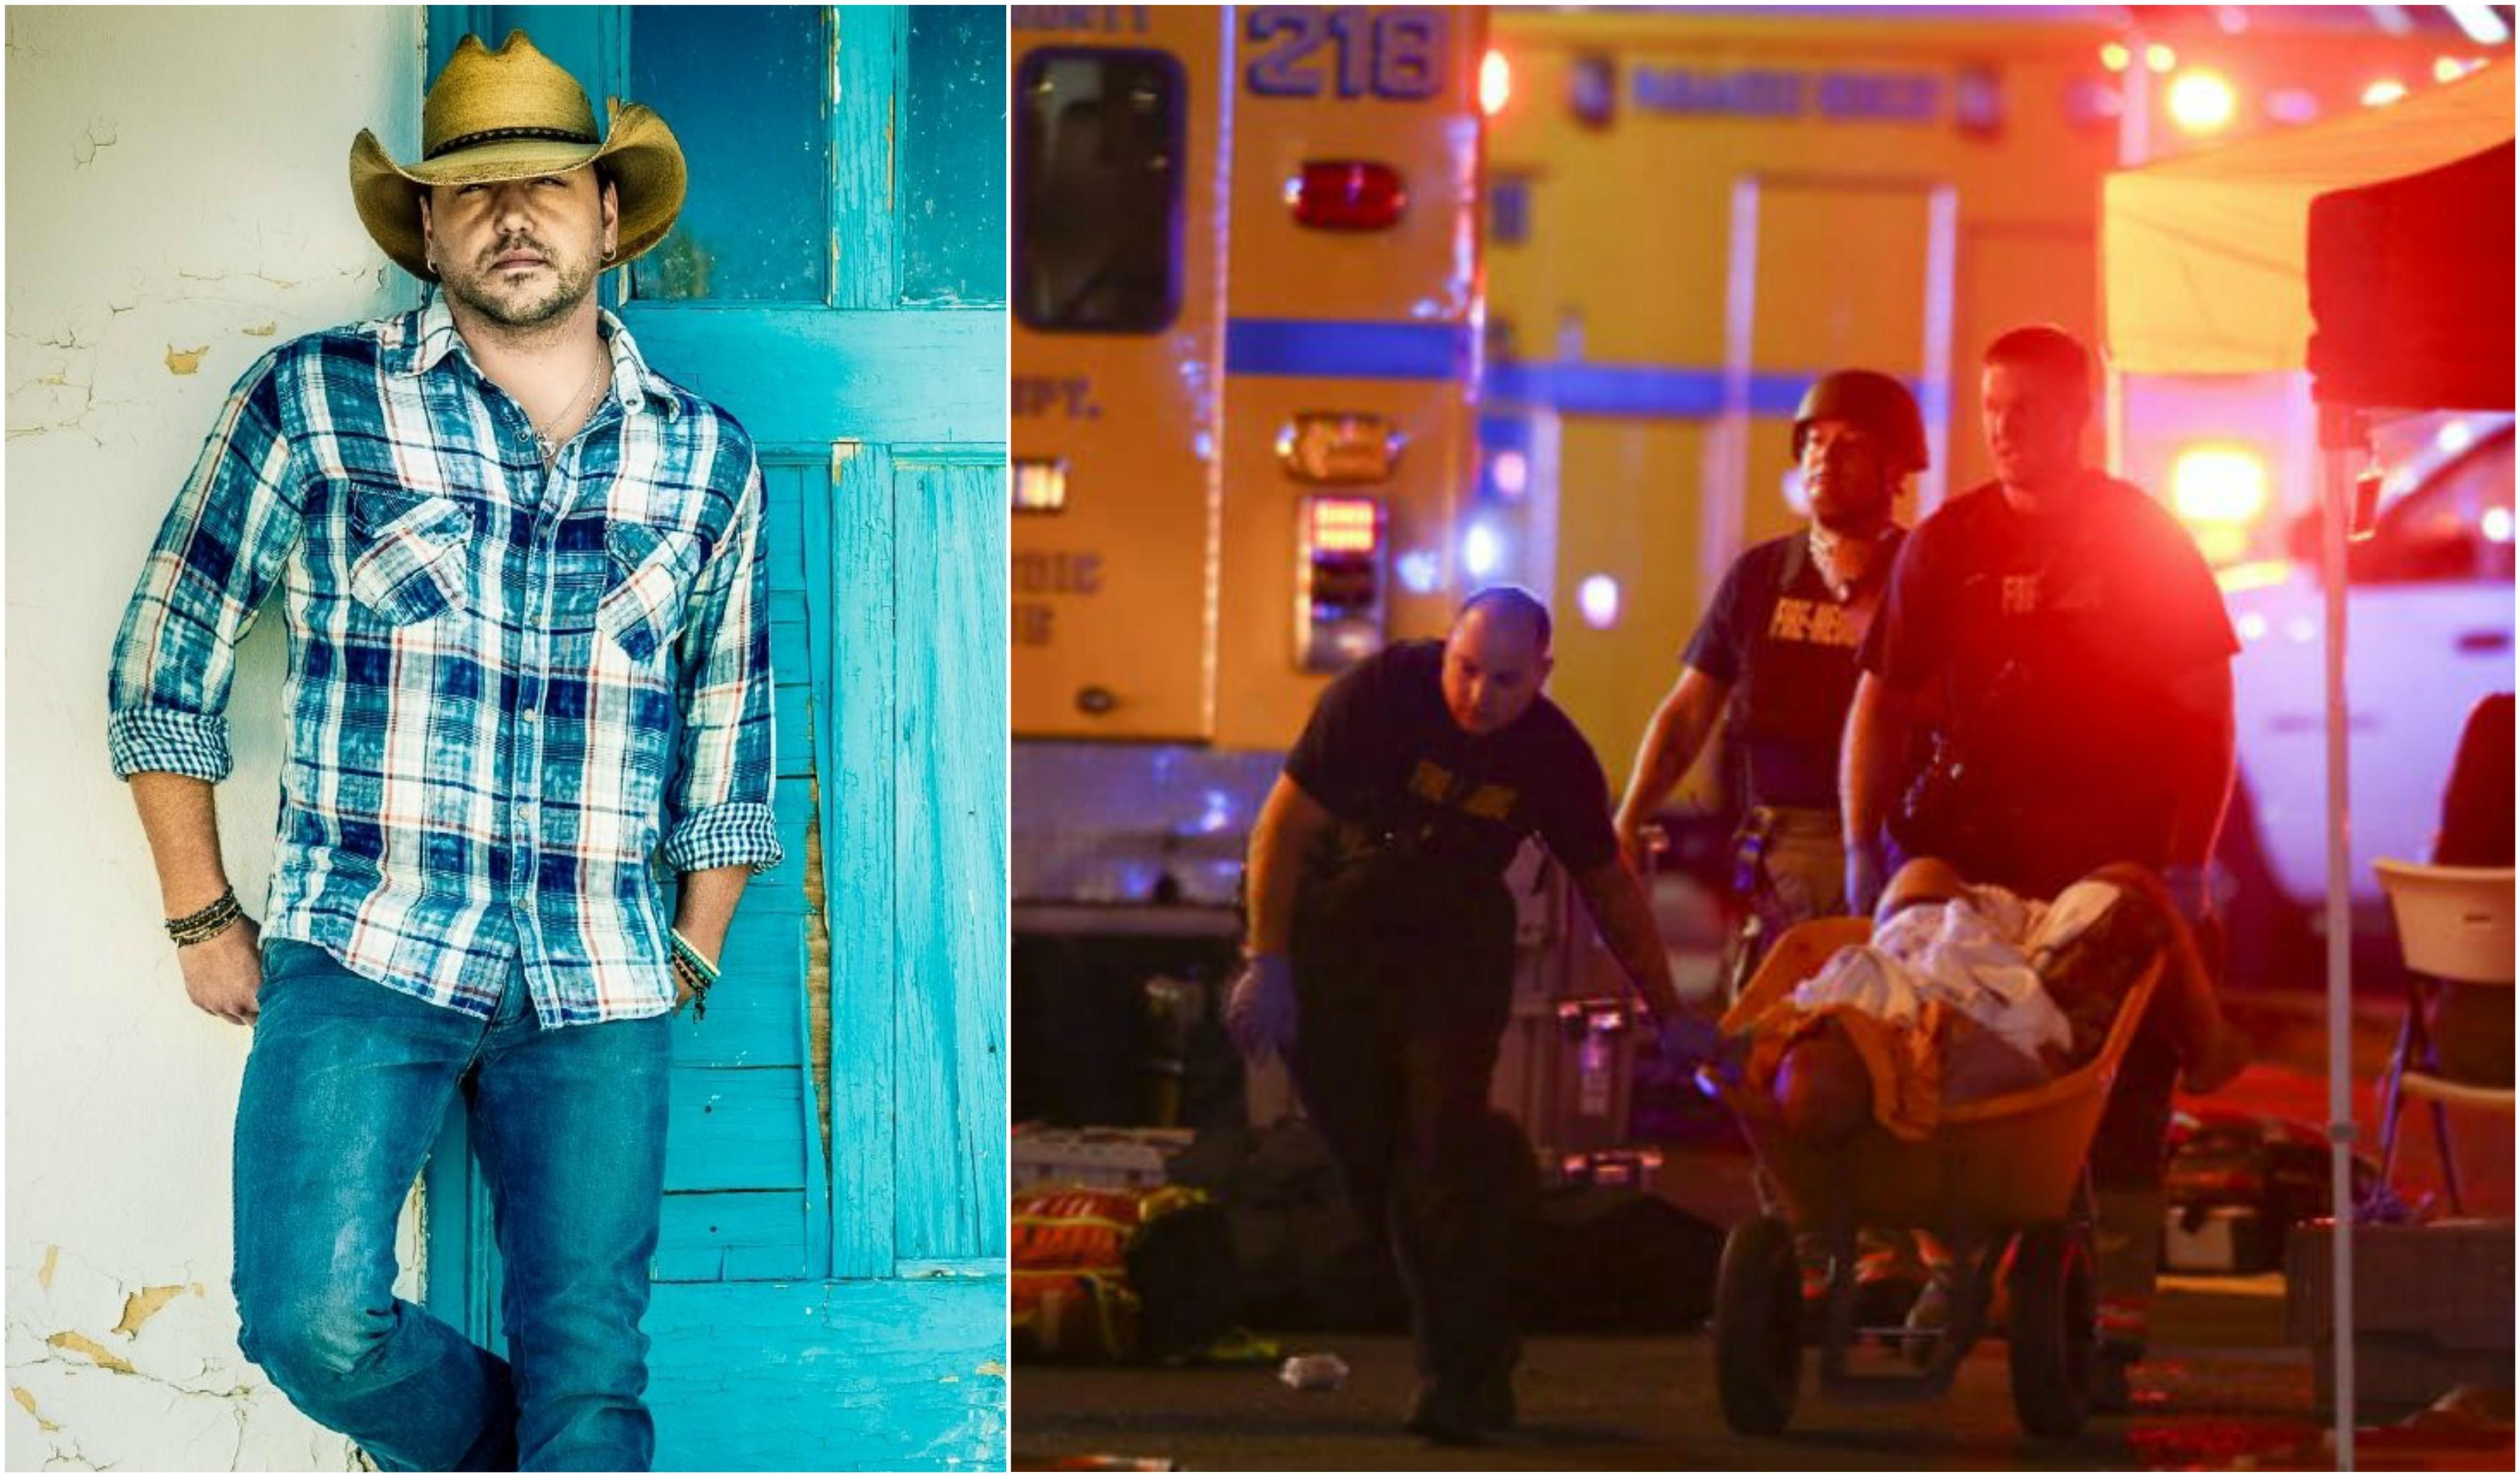 Ataque em Las Vegas deixa 50 mortos e mais de 200 feridos